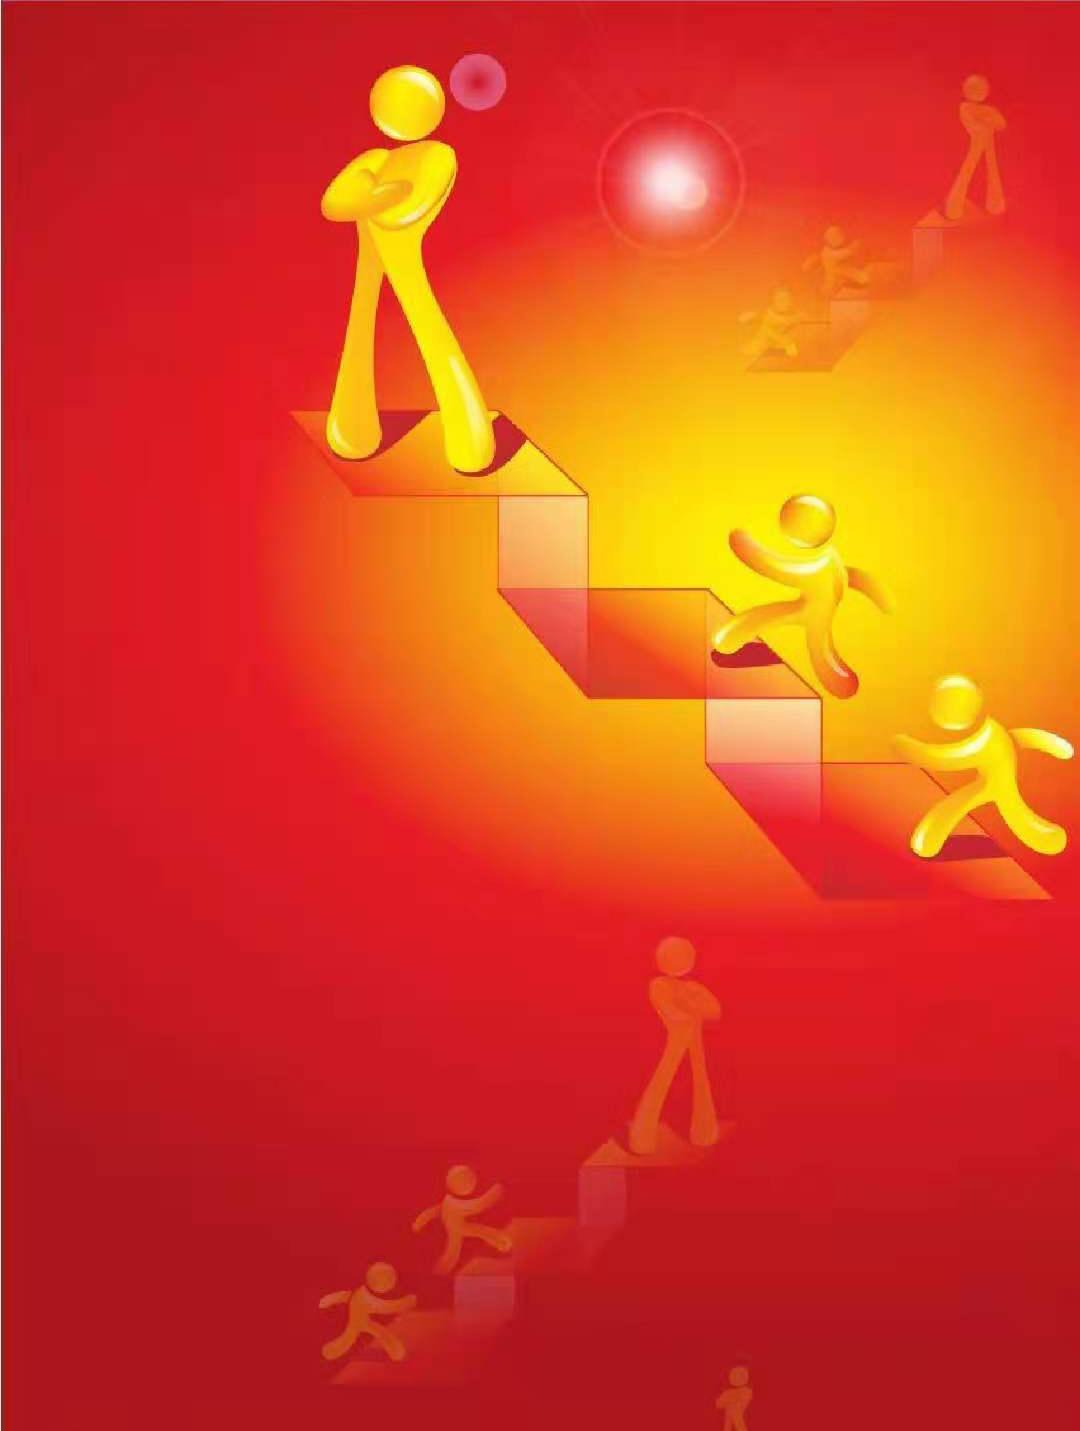 平台活跃度是什么?如何通过提高活跃度来赚取更多金币